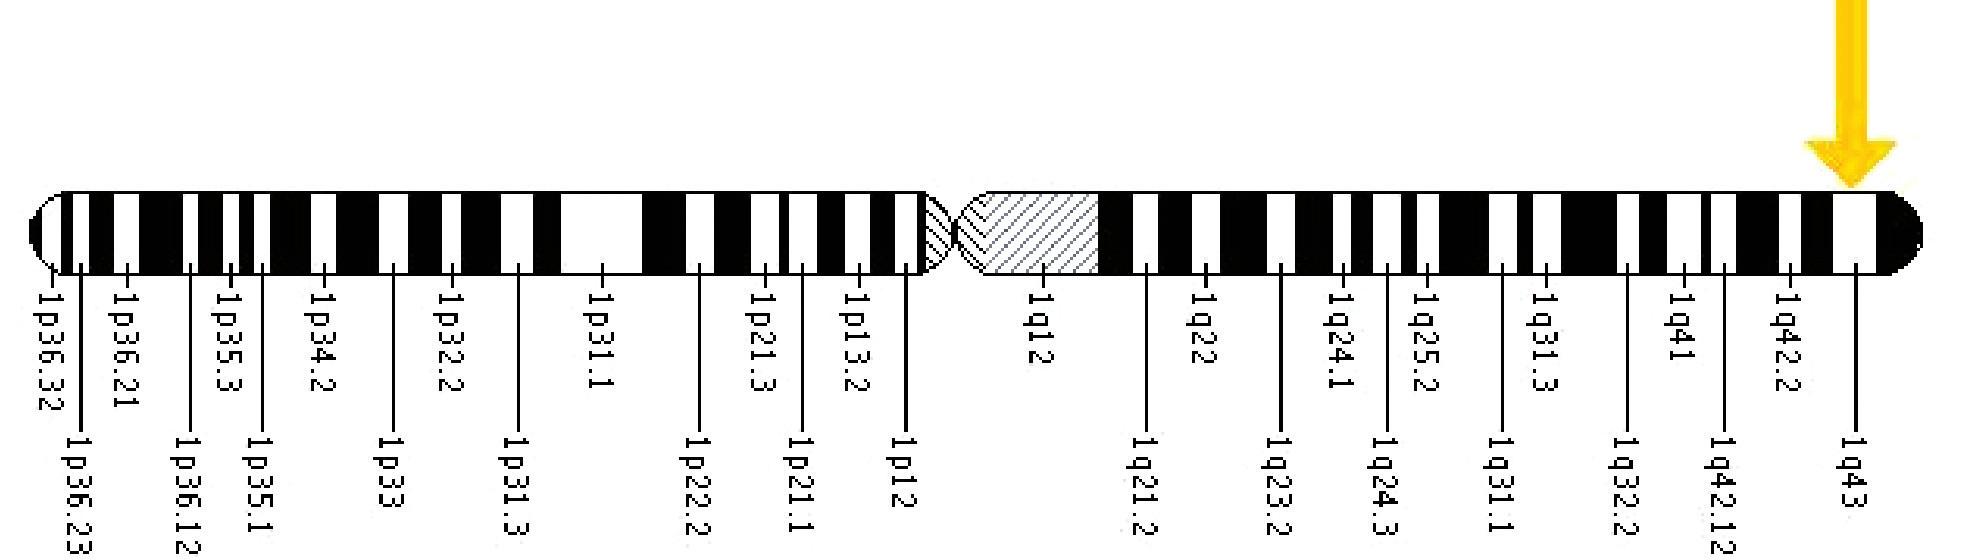 Umístění genu EDA na X chromozomu.